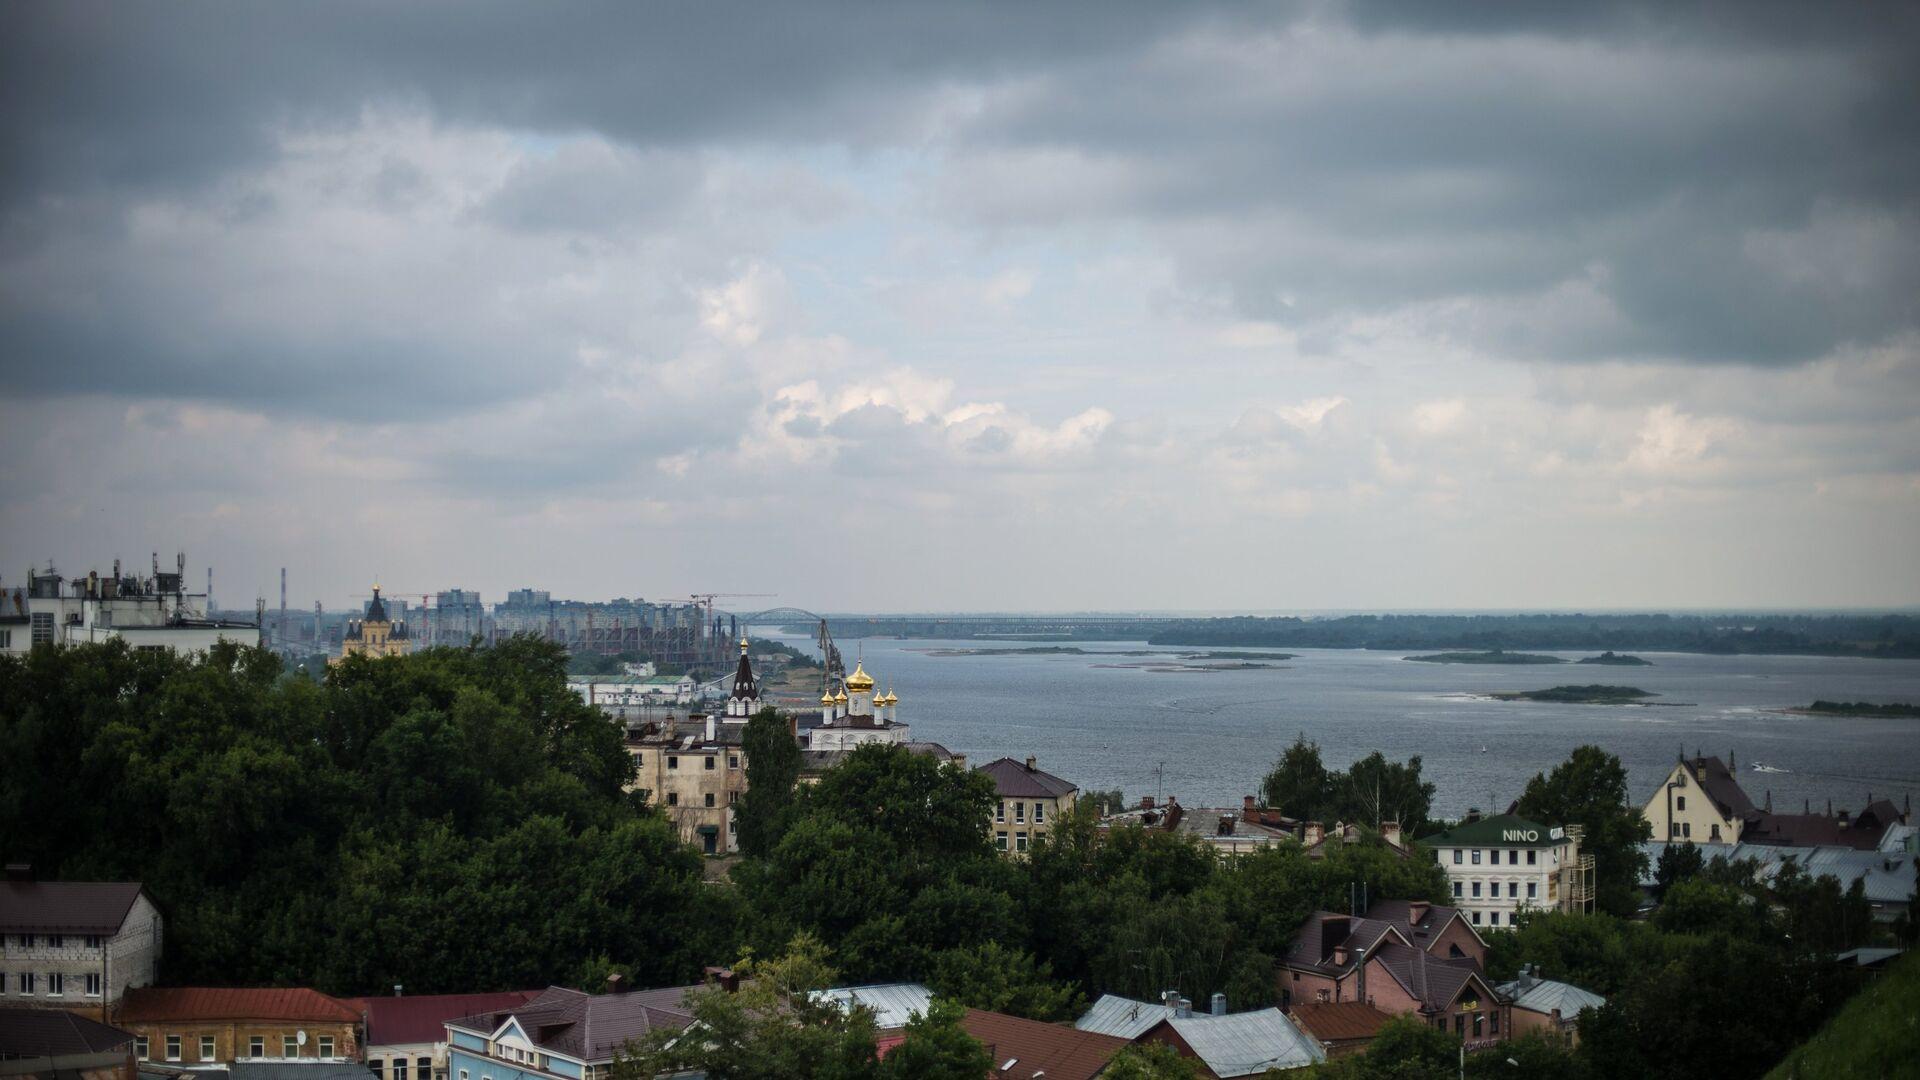 Нижний Новгород - РИА Новости, 1920, 24.09.2020